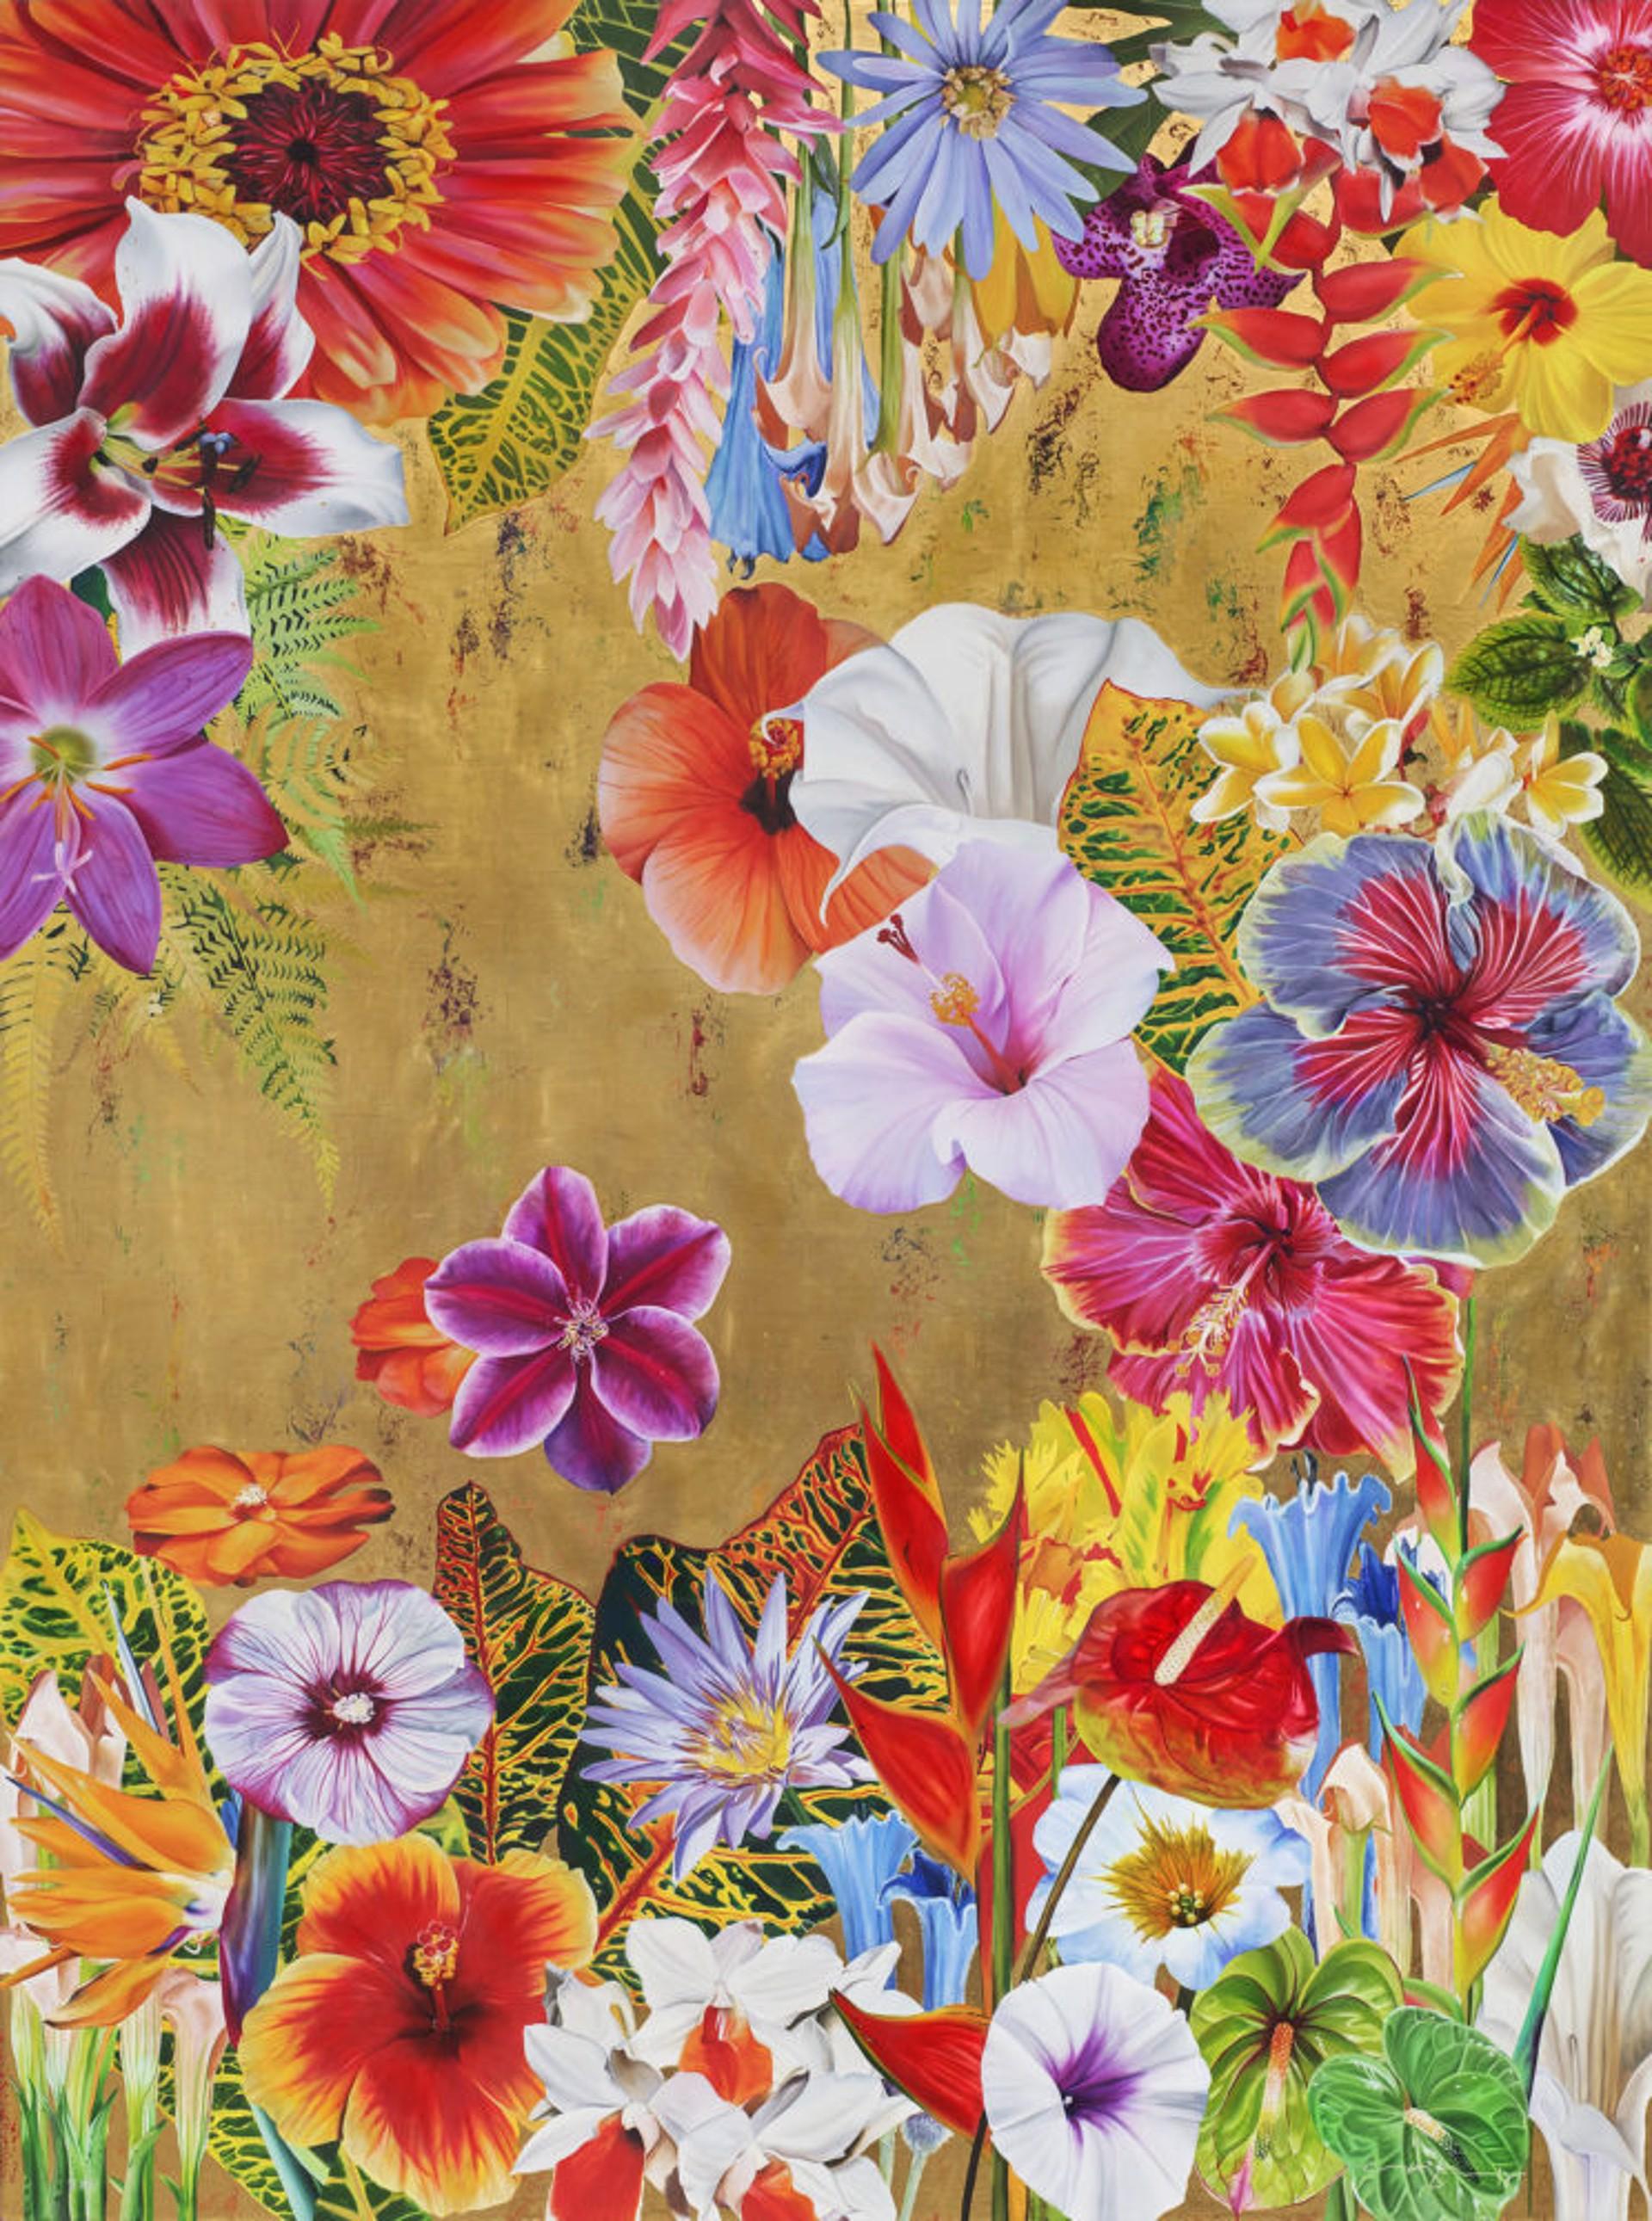 Gild the Lily II by Carlos Rolón